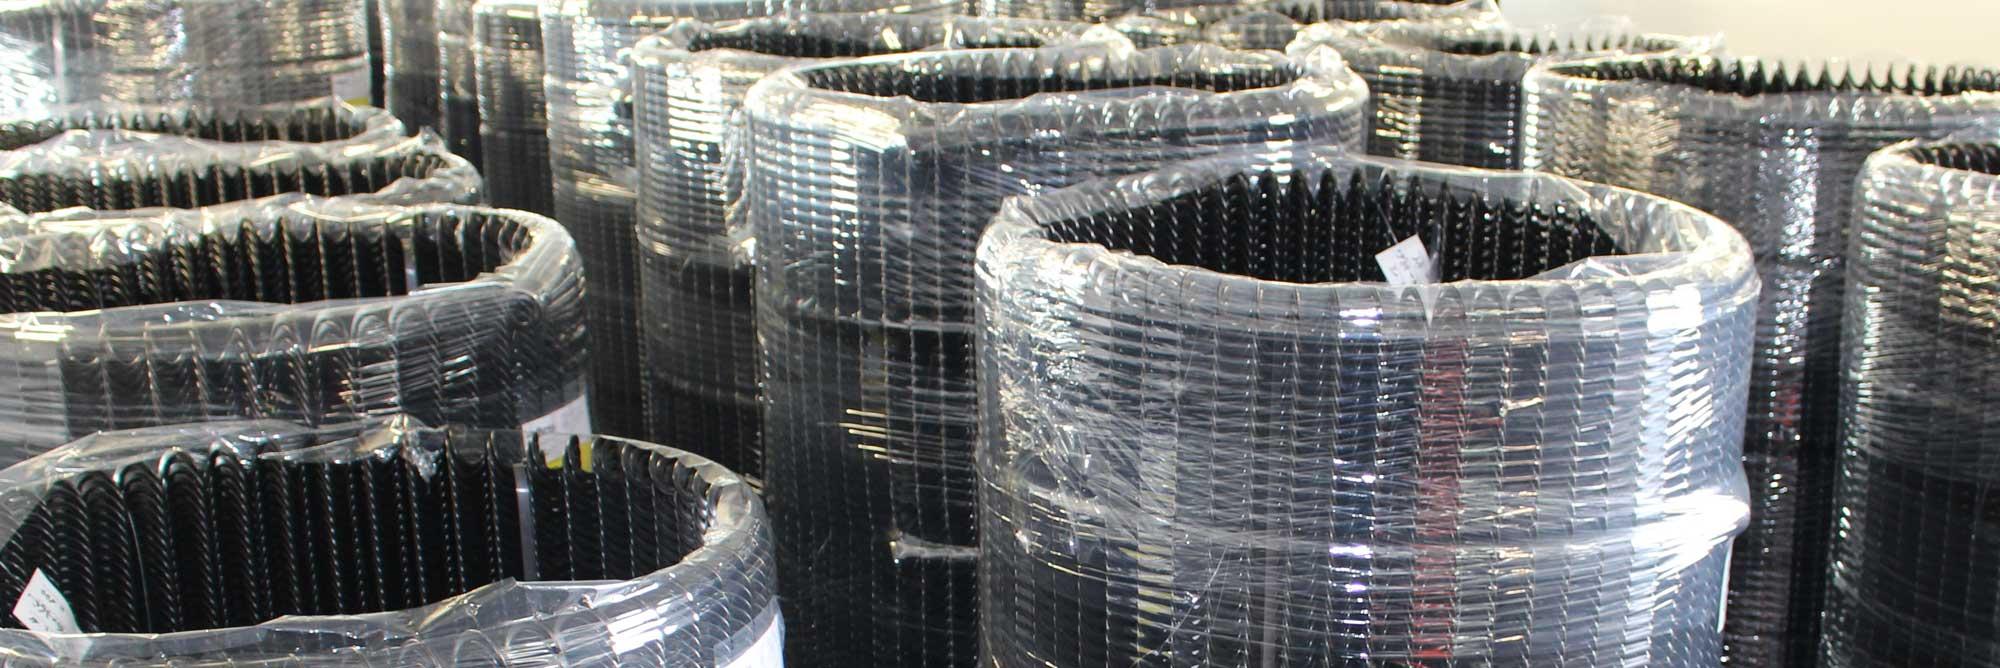 Spirali flessibili in acciaio per trasporto cippato, biomasse per caldaie e mangimi per impianti zootecnici di alimentazione automatica_gallery07